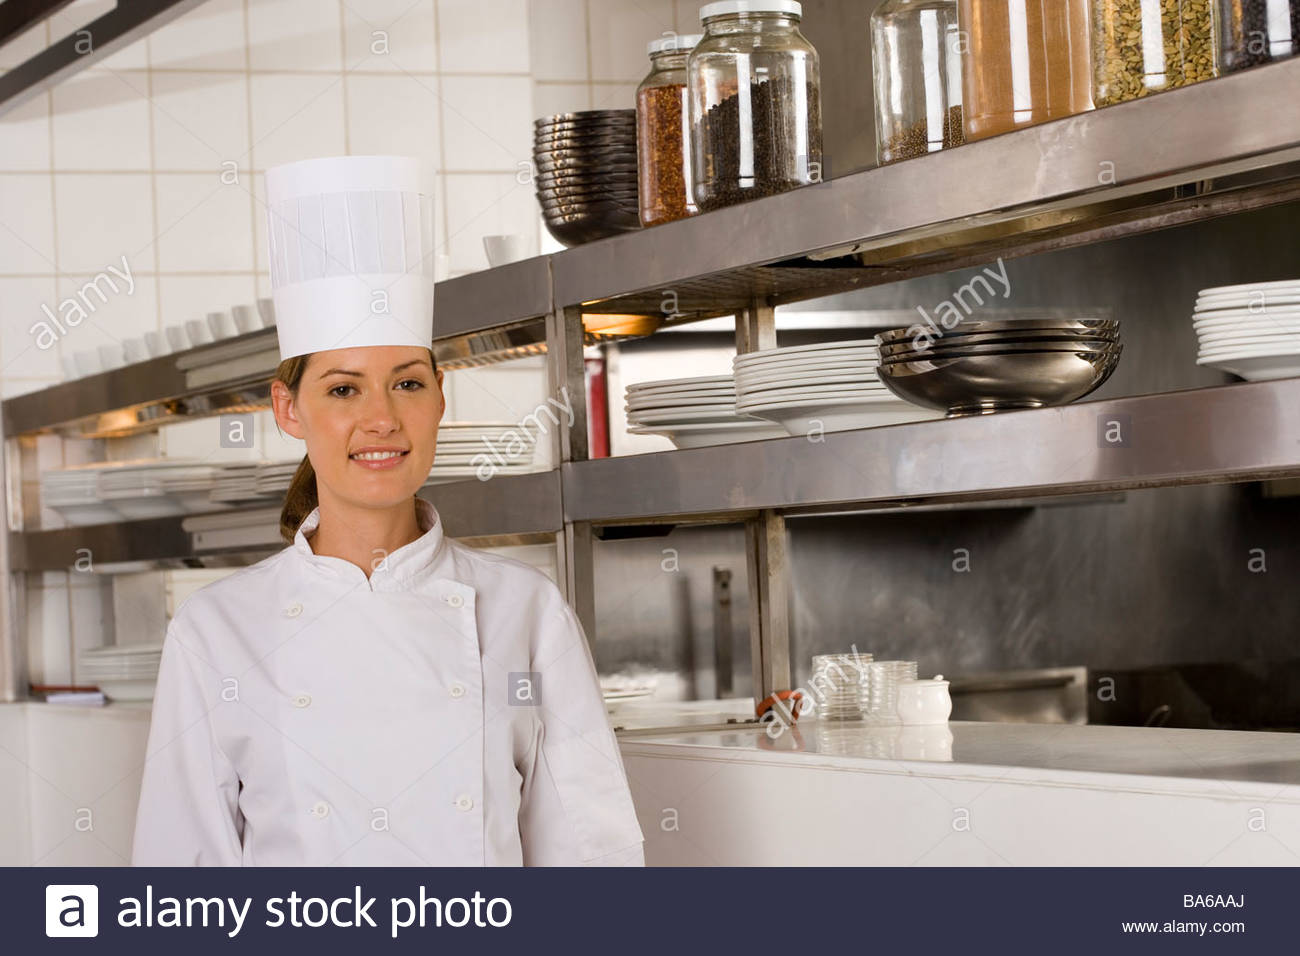 Hembra posando en el chef cocina comercial Imagen De Stock